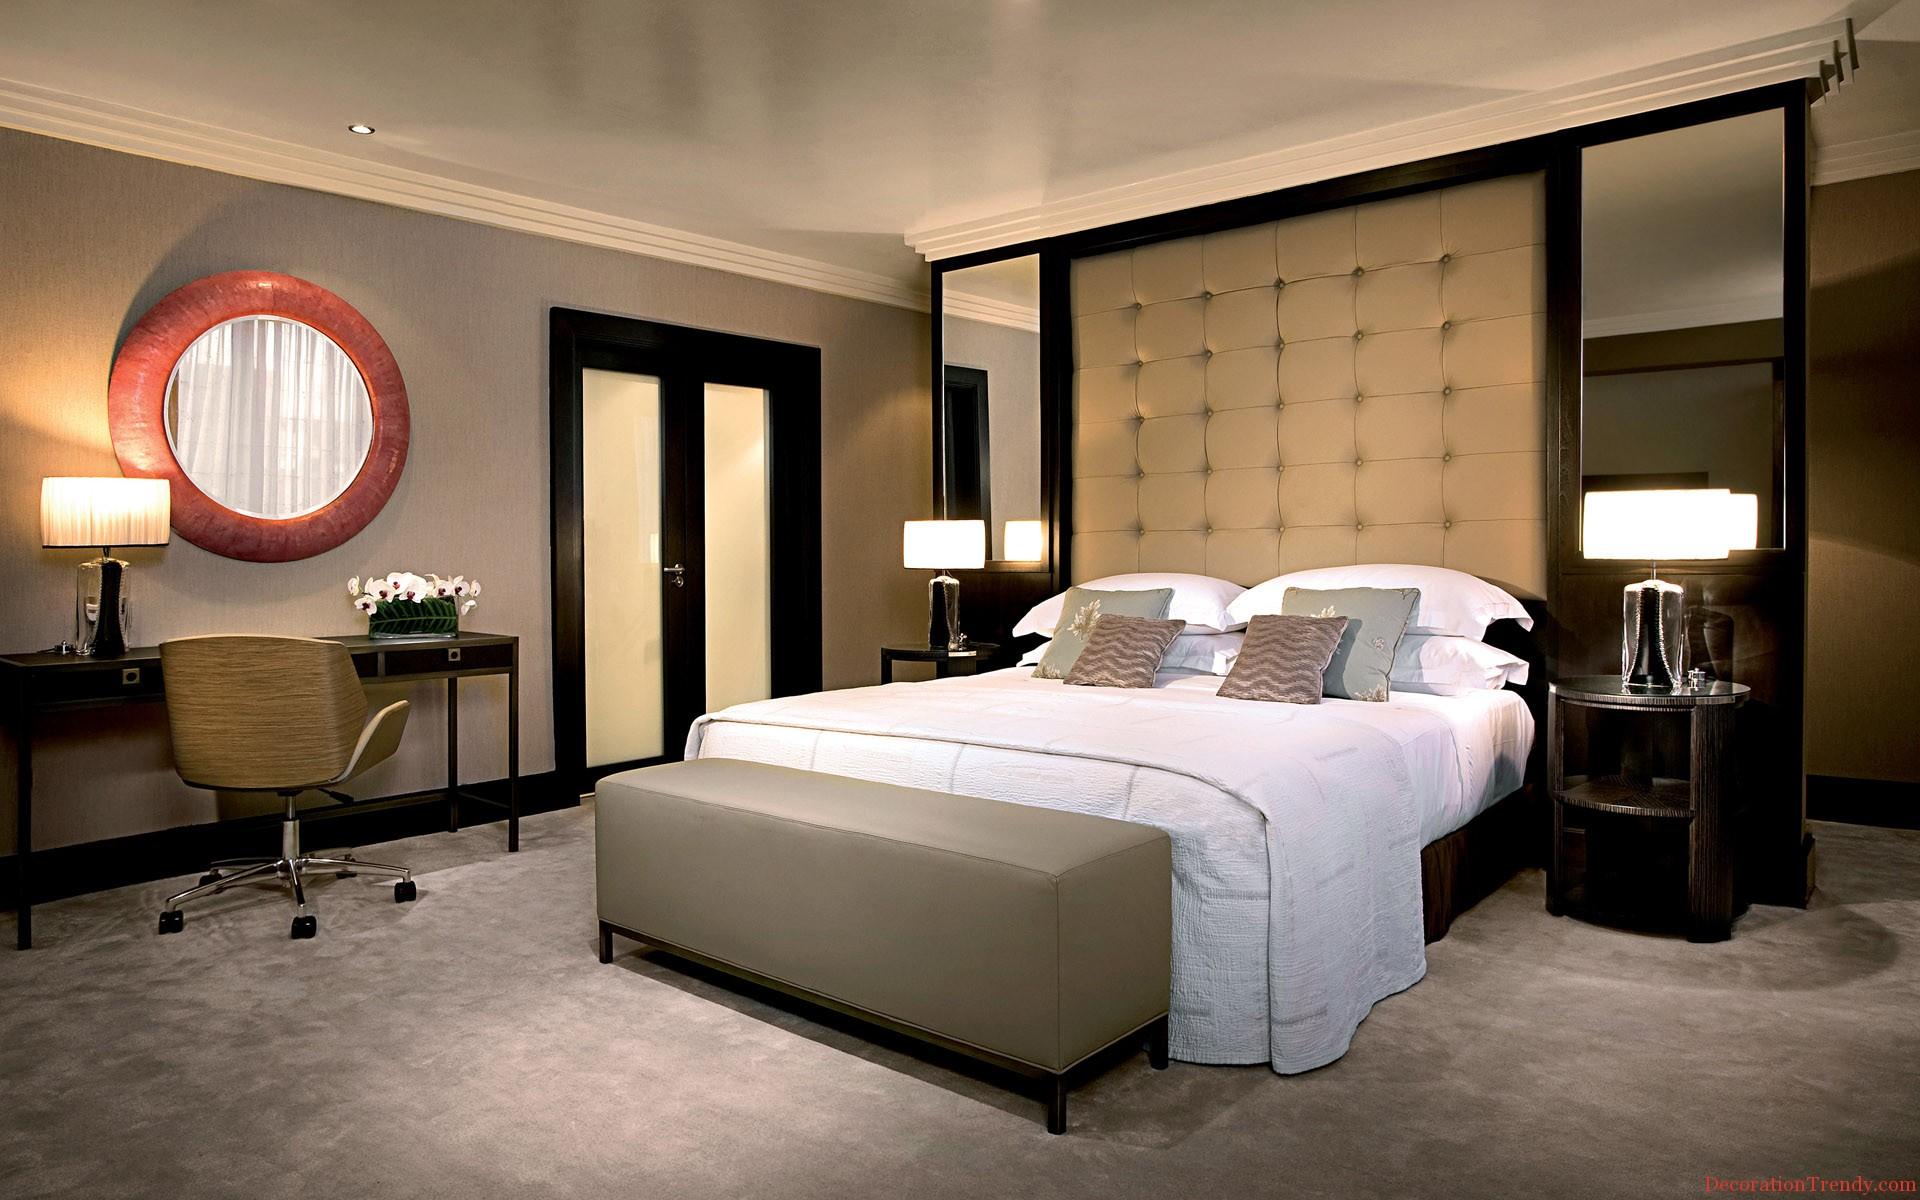 Интерьер спальня комната кровать  № 3537208 без смс